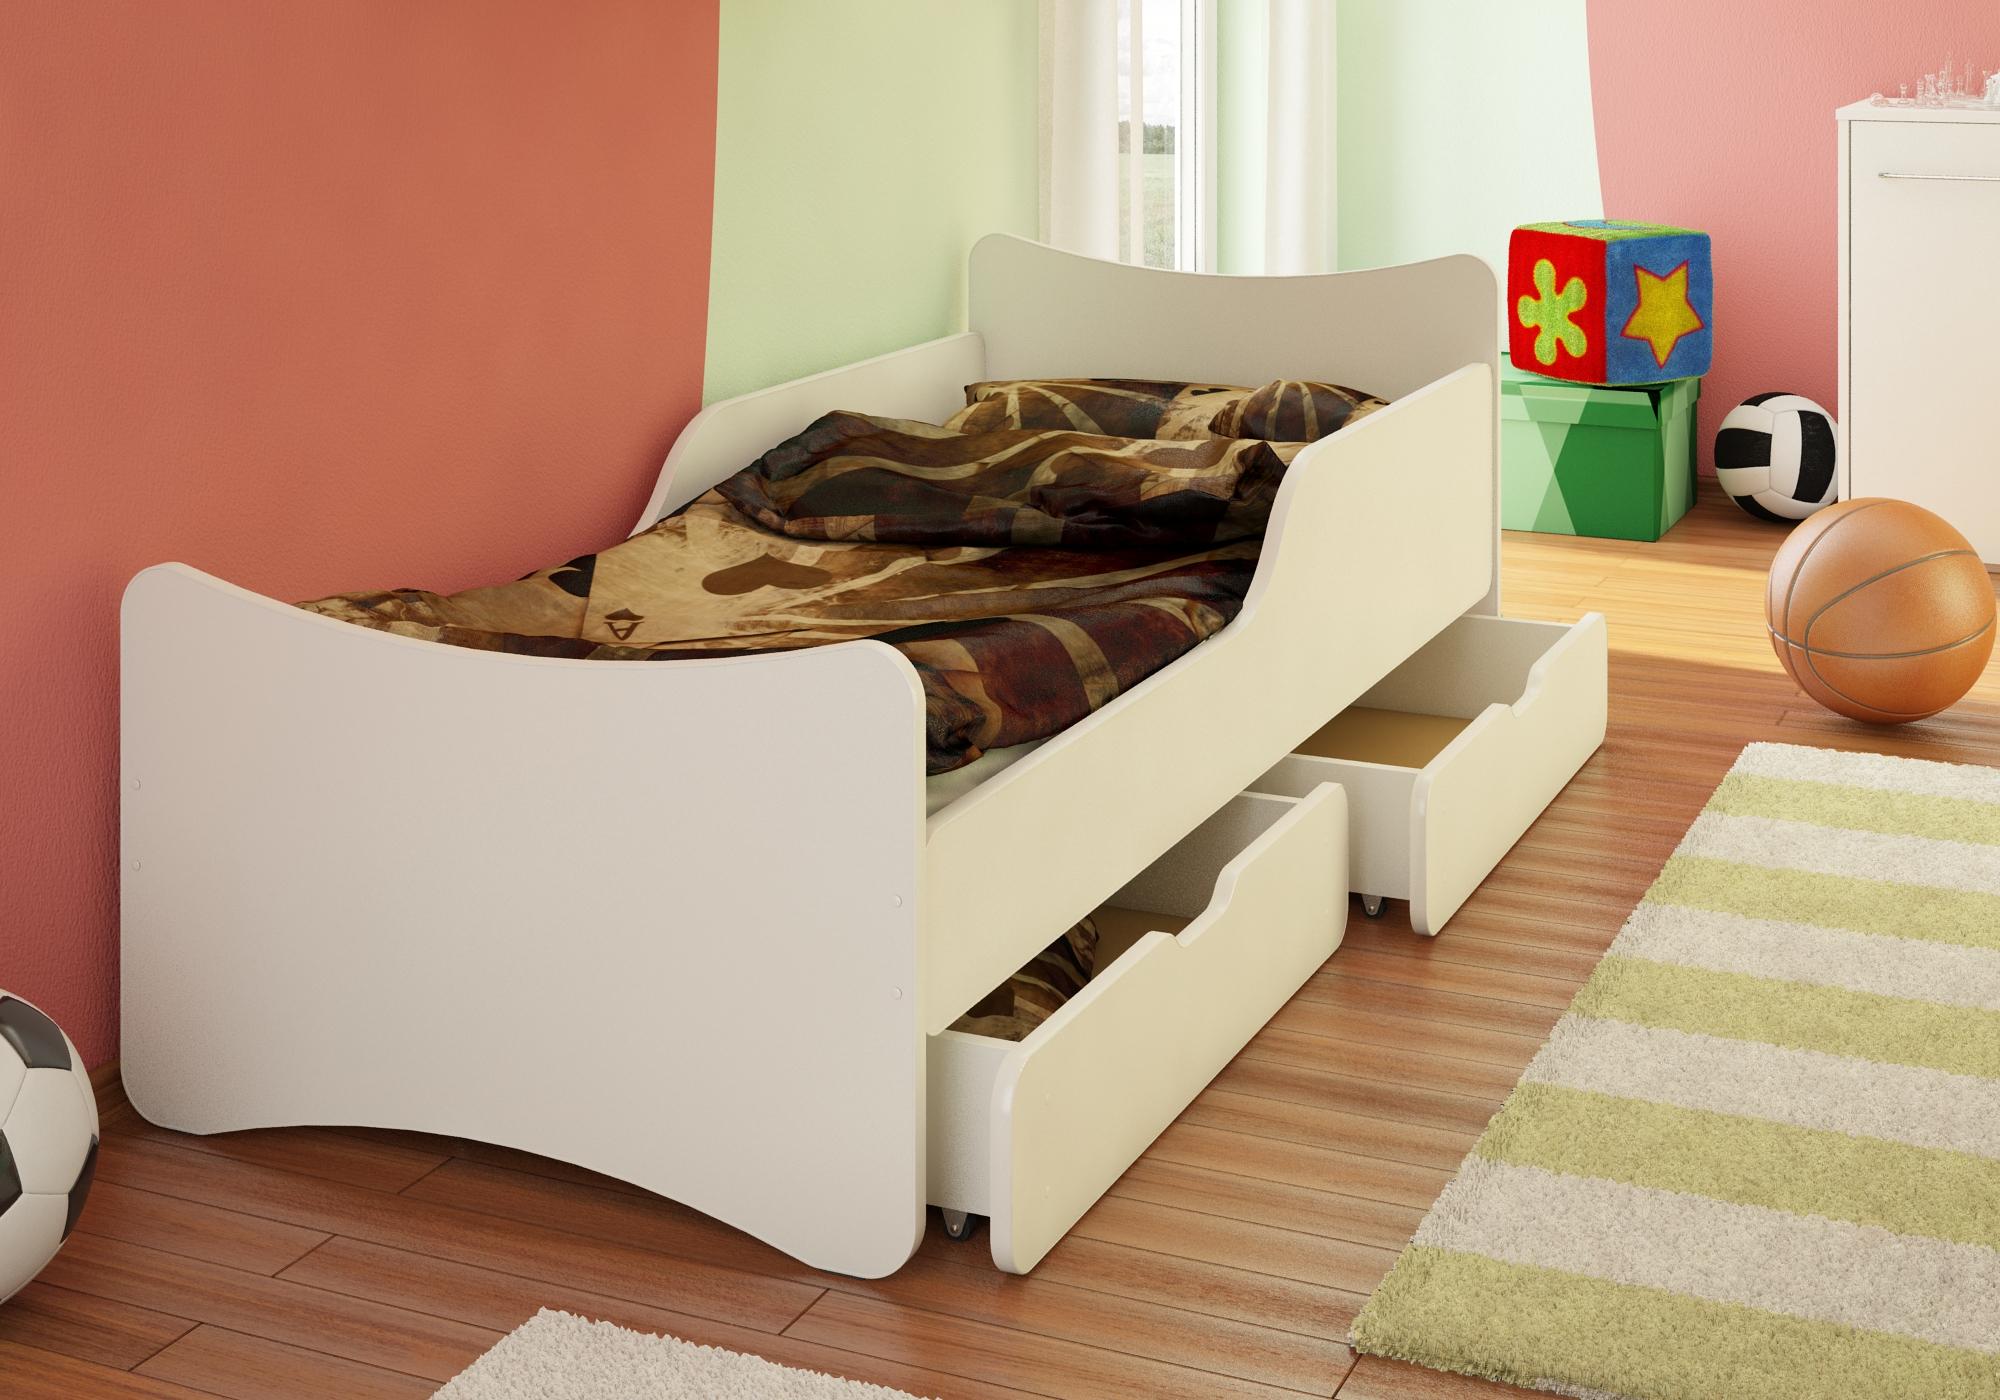 Bfk Bett Kinderbett Jugendbett Weiss Weiss Schubladen Matratze 90x200